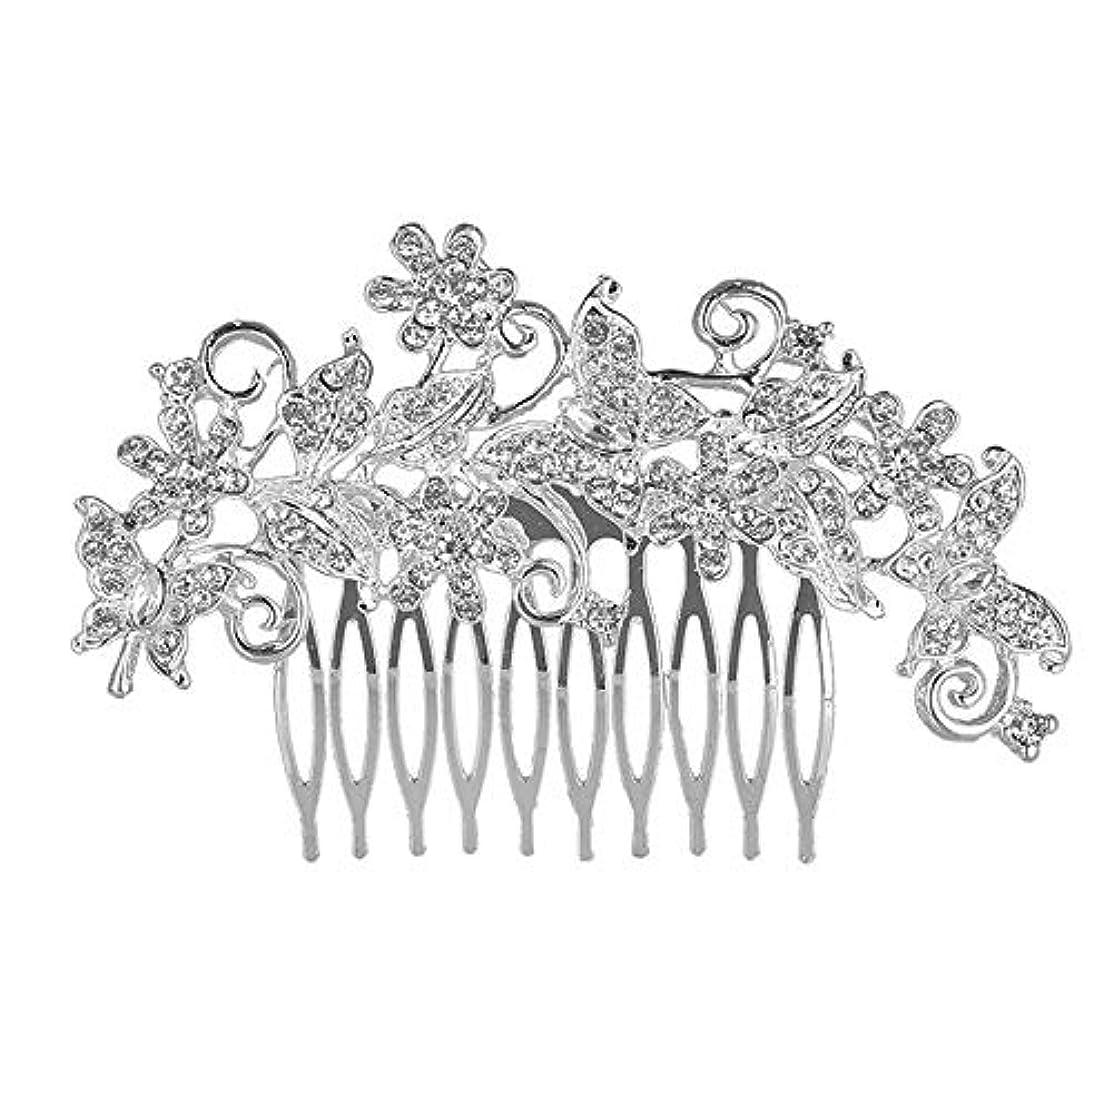 ハイブリッド放つインゲン韓国のヘアアクセサリー_韓国の花嫁のヘアアクセサリー日の花のヘッドドレスファッションヘアコーム花嫁合金結婚式結婚式卸売